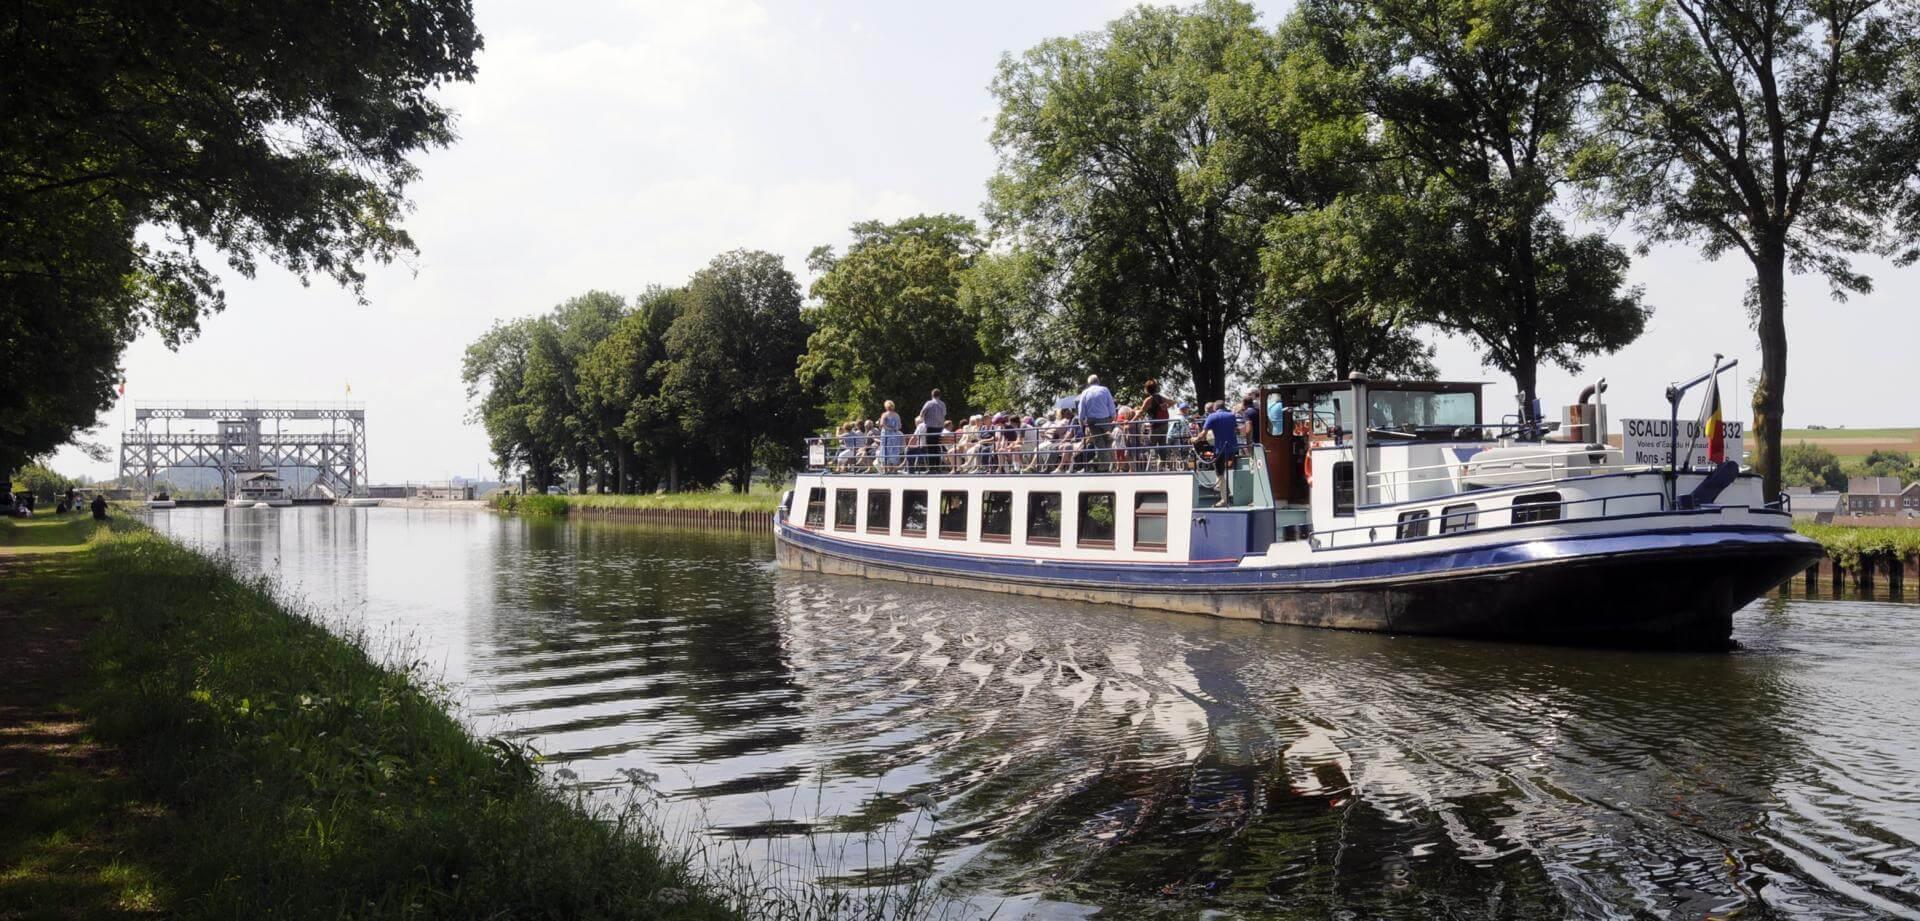 Genießen Sie eine Kreuzfahrt auf dem historischen Canal du Centre